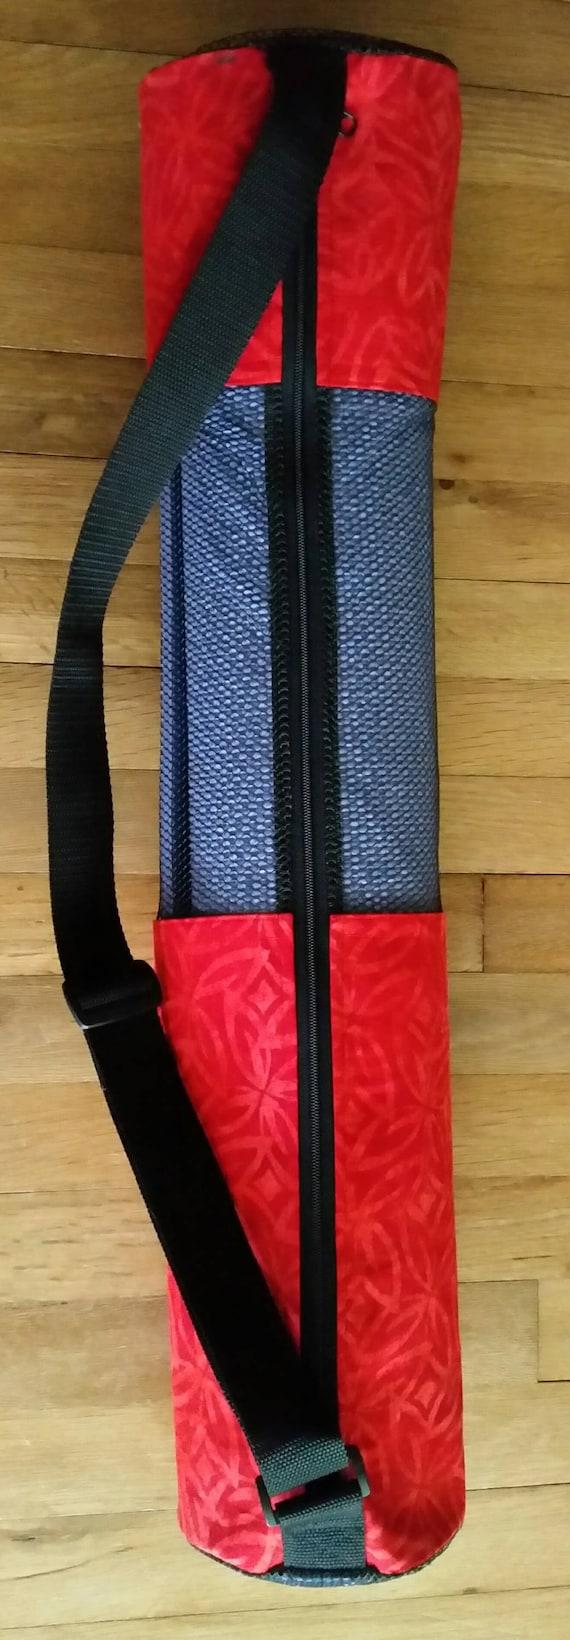 Easy-Go Yoga Mat Bag – Yoga Mat Carrier – Multipurpose Bag – Batik Fabric – Red Bag - Mesh Bag